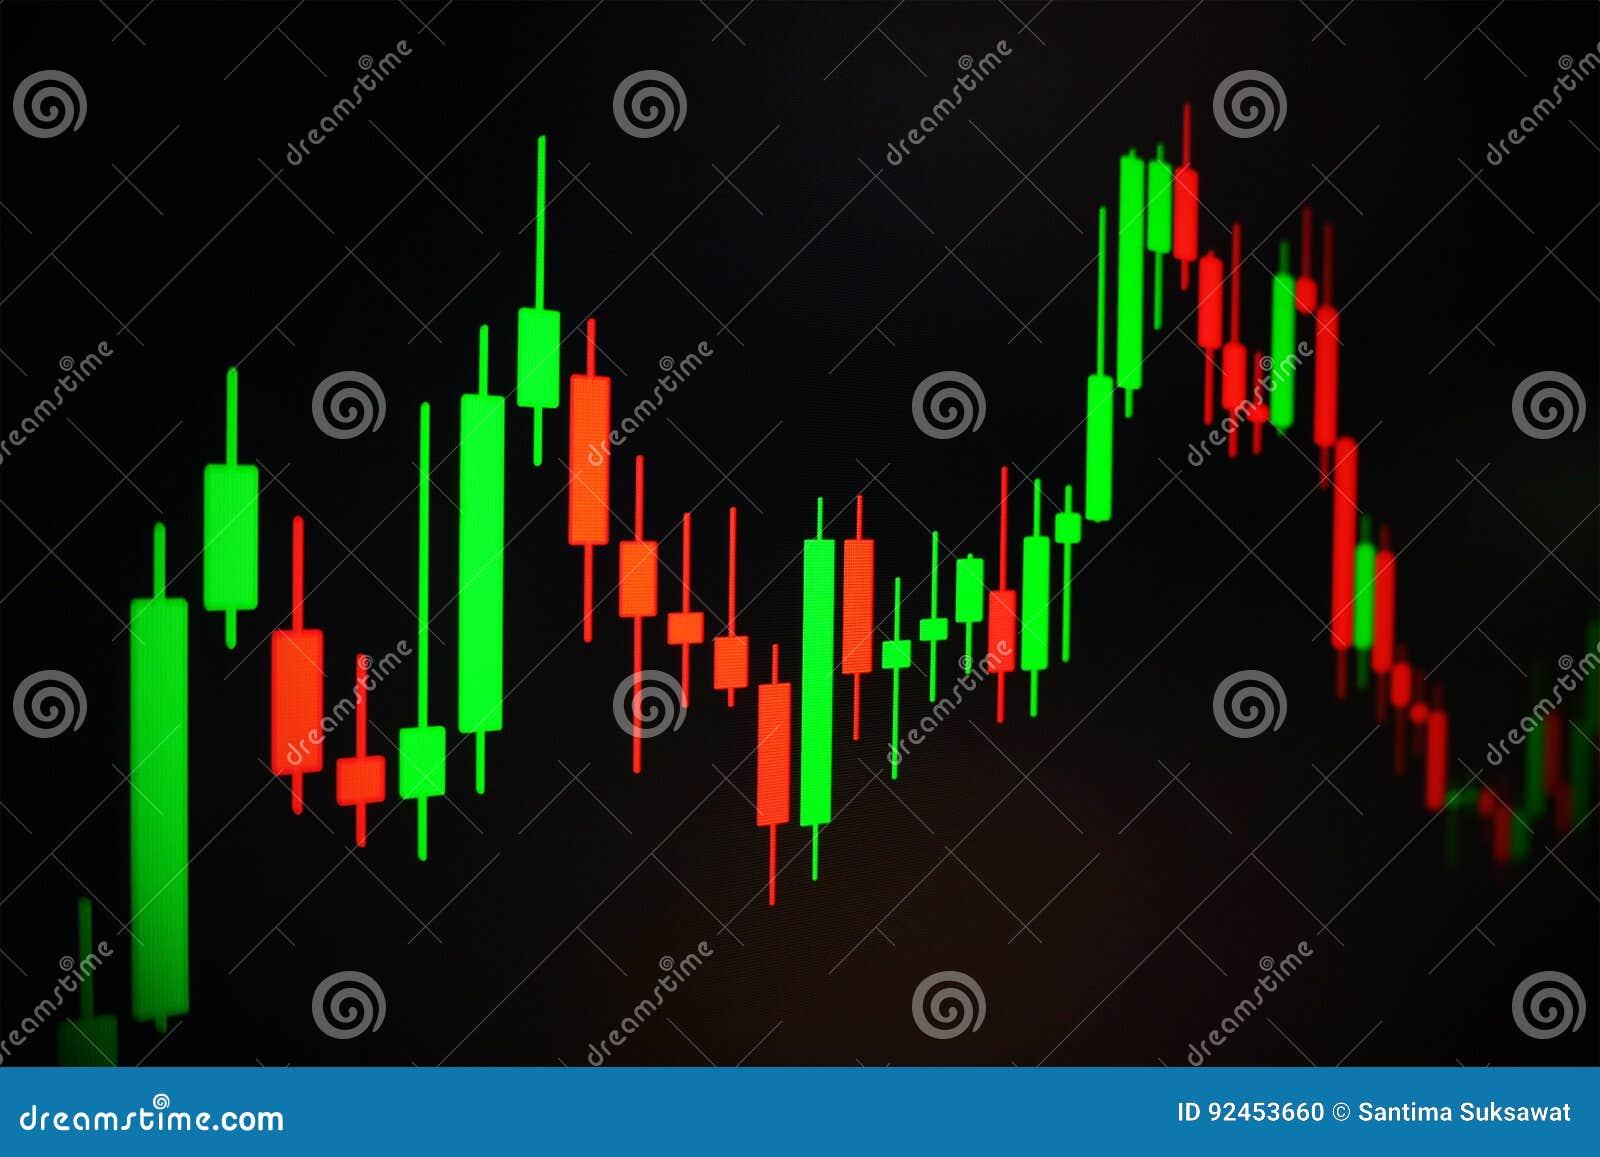 Effectenbeurs groene en rode grafiek met zwarte achtergrond, Forex markt, handel